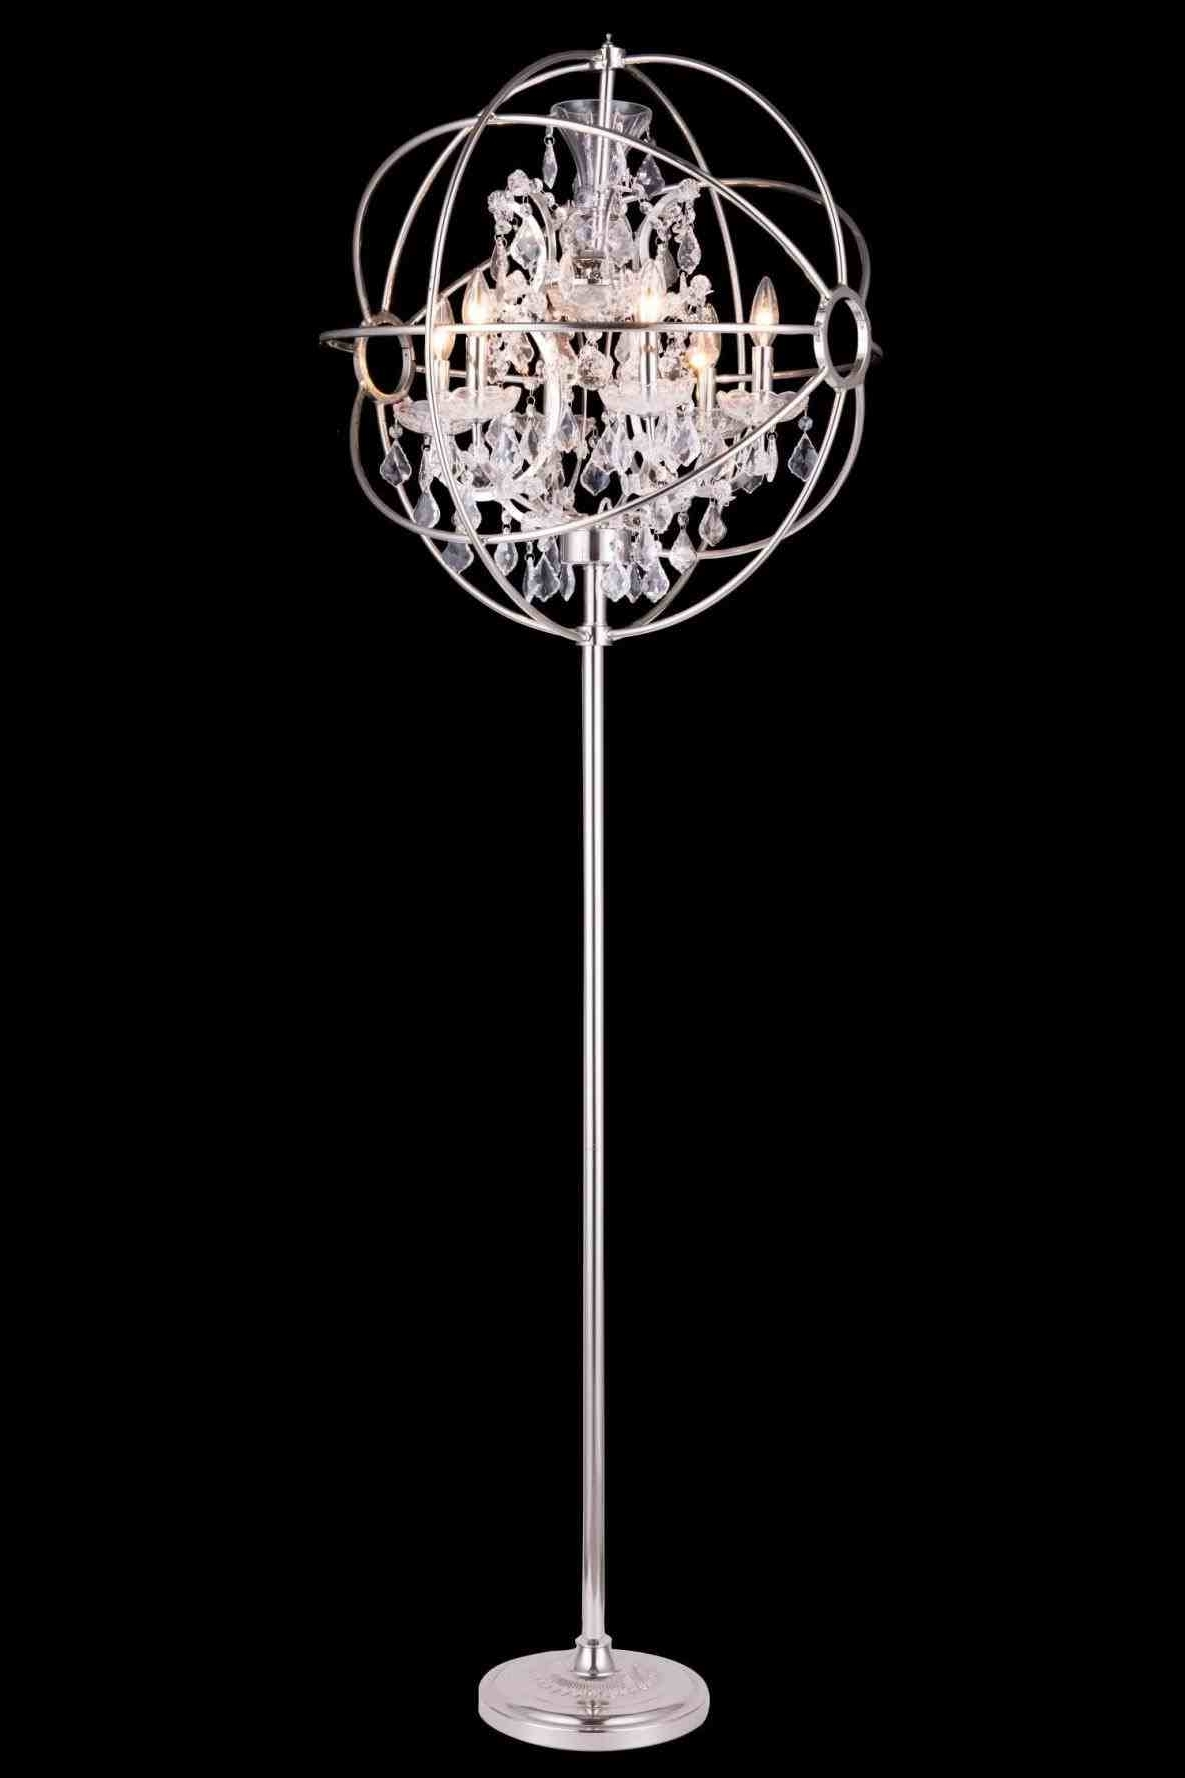 Crystal Chandelier Standing Lamps Intended For Trendy Targetrhvirmnet Lamps Standing Photo Source Rheatstatuskuocom Floor (View 3 of 15)